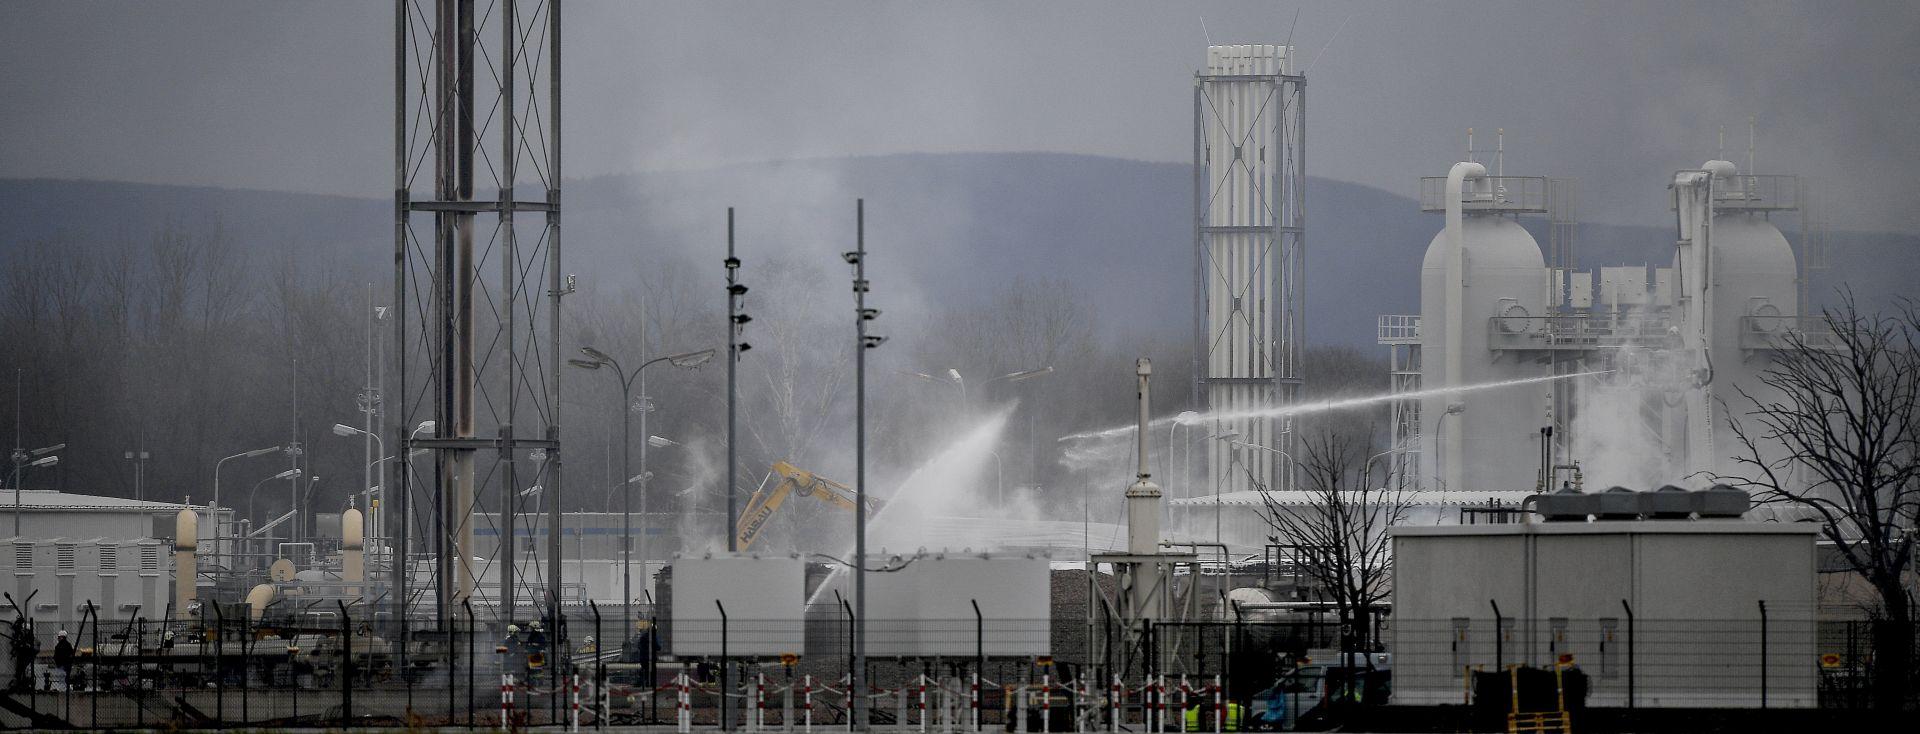 HRVATSKA NIJE UGROŽENA Eksplozija u Baumgartenu prekinula isporuke plina